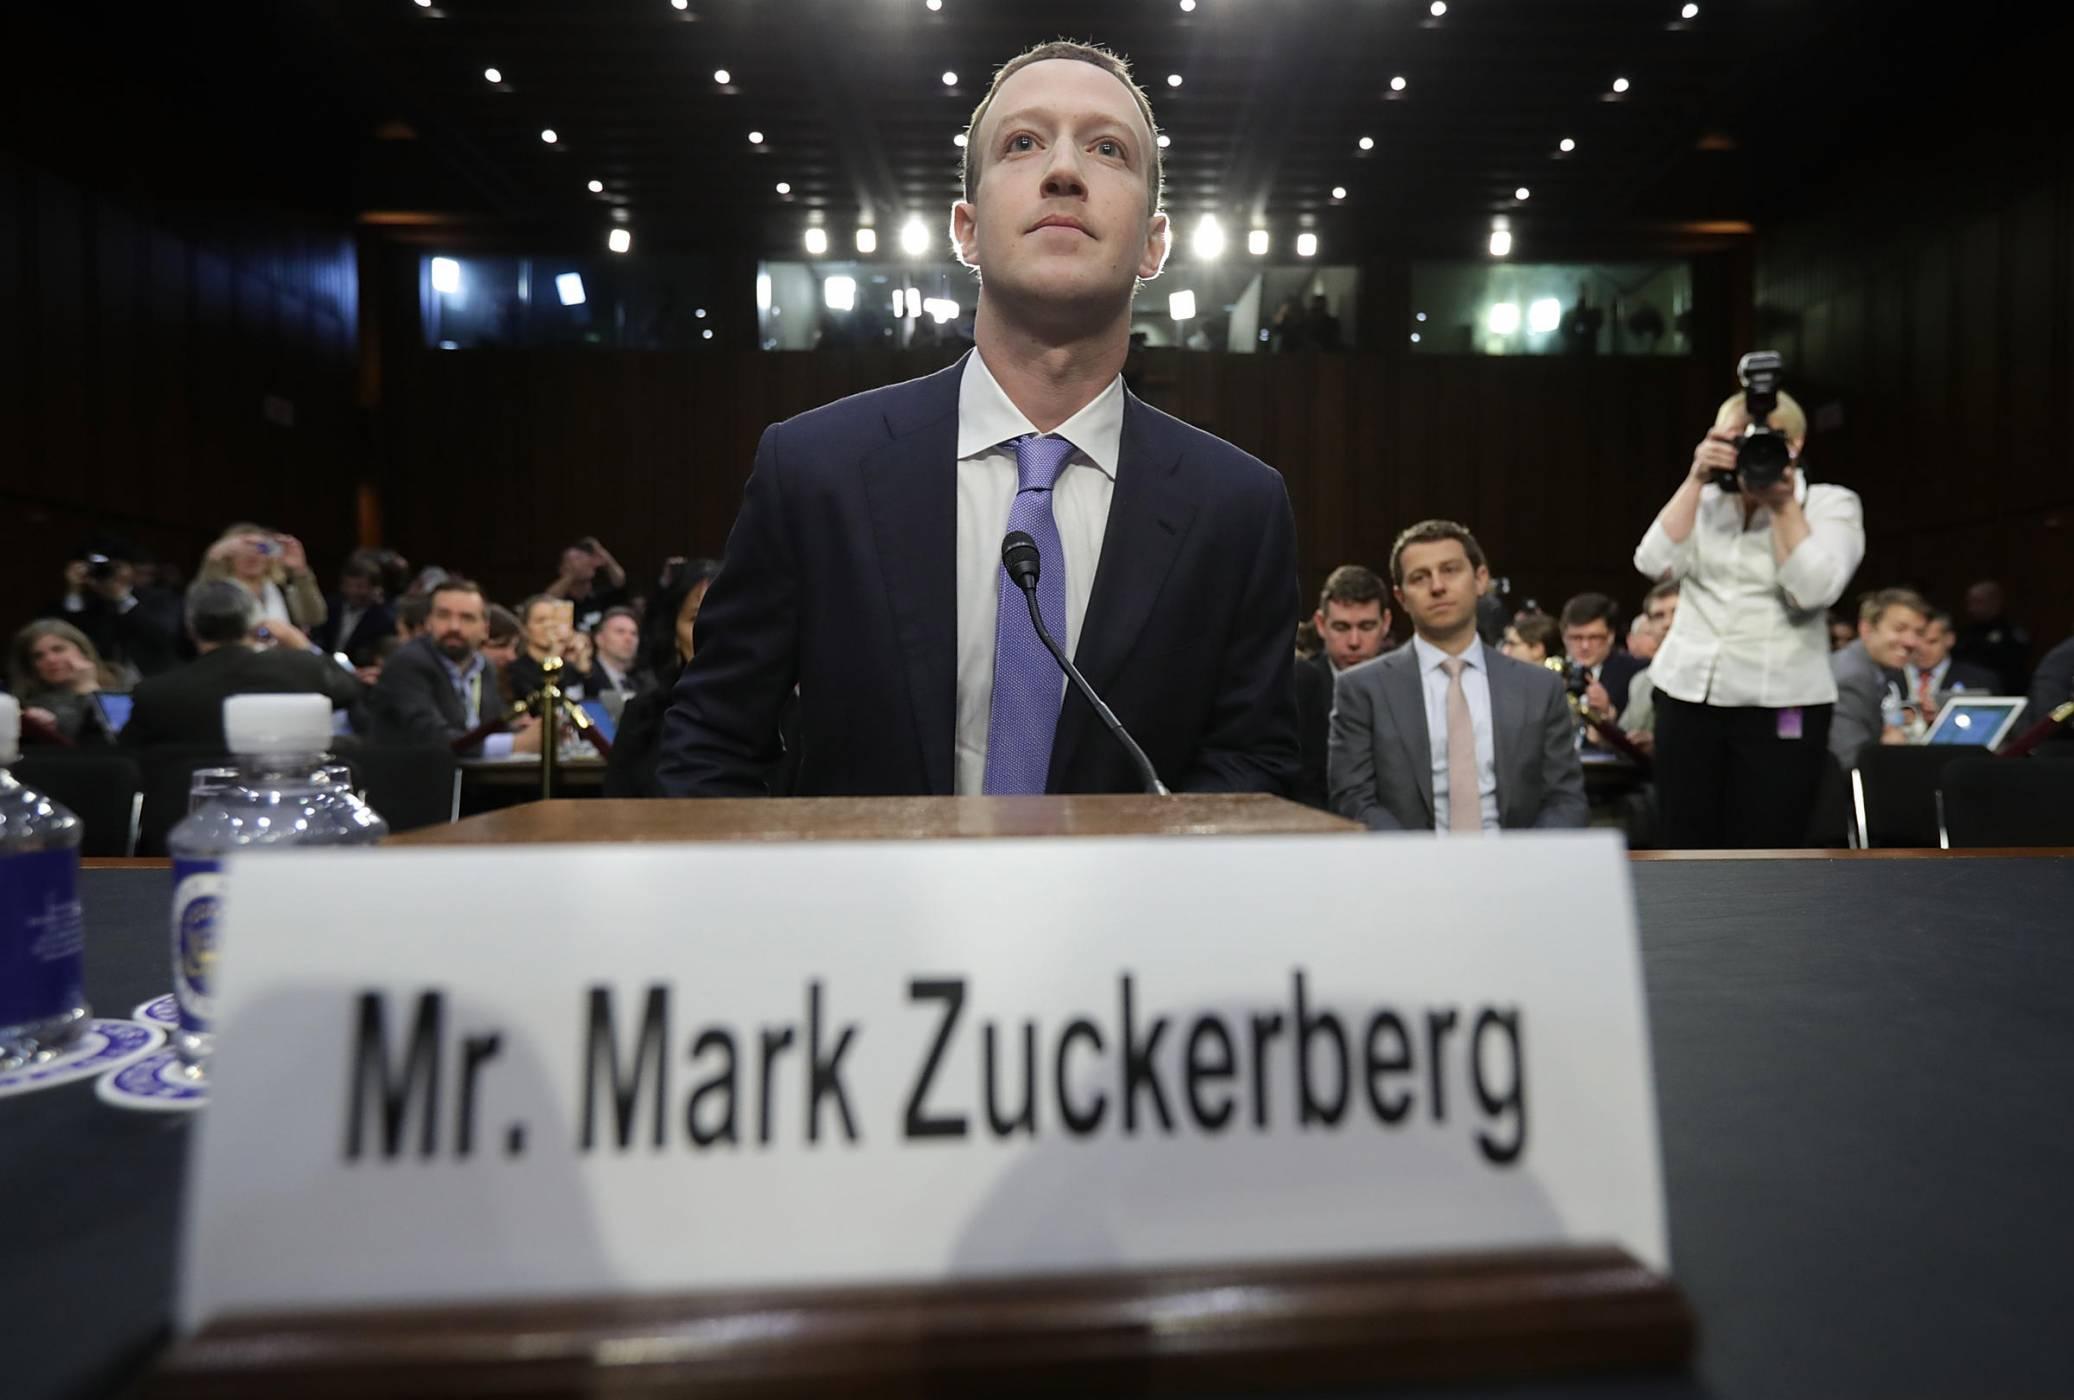 На горещия стол: за какво поема (и не поема) отговорност Марк Зукърбърг